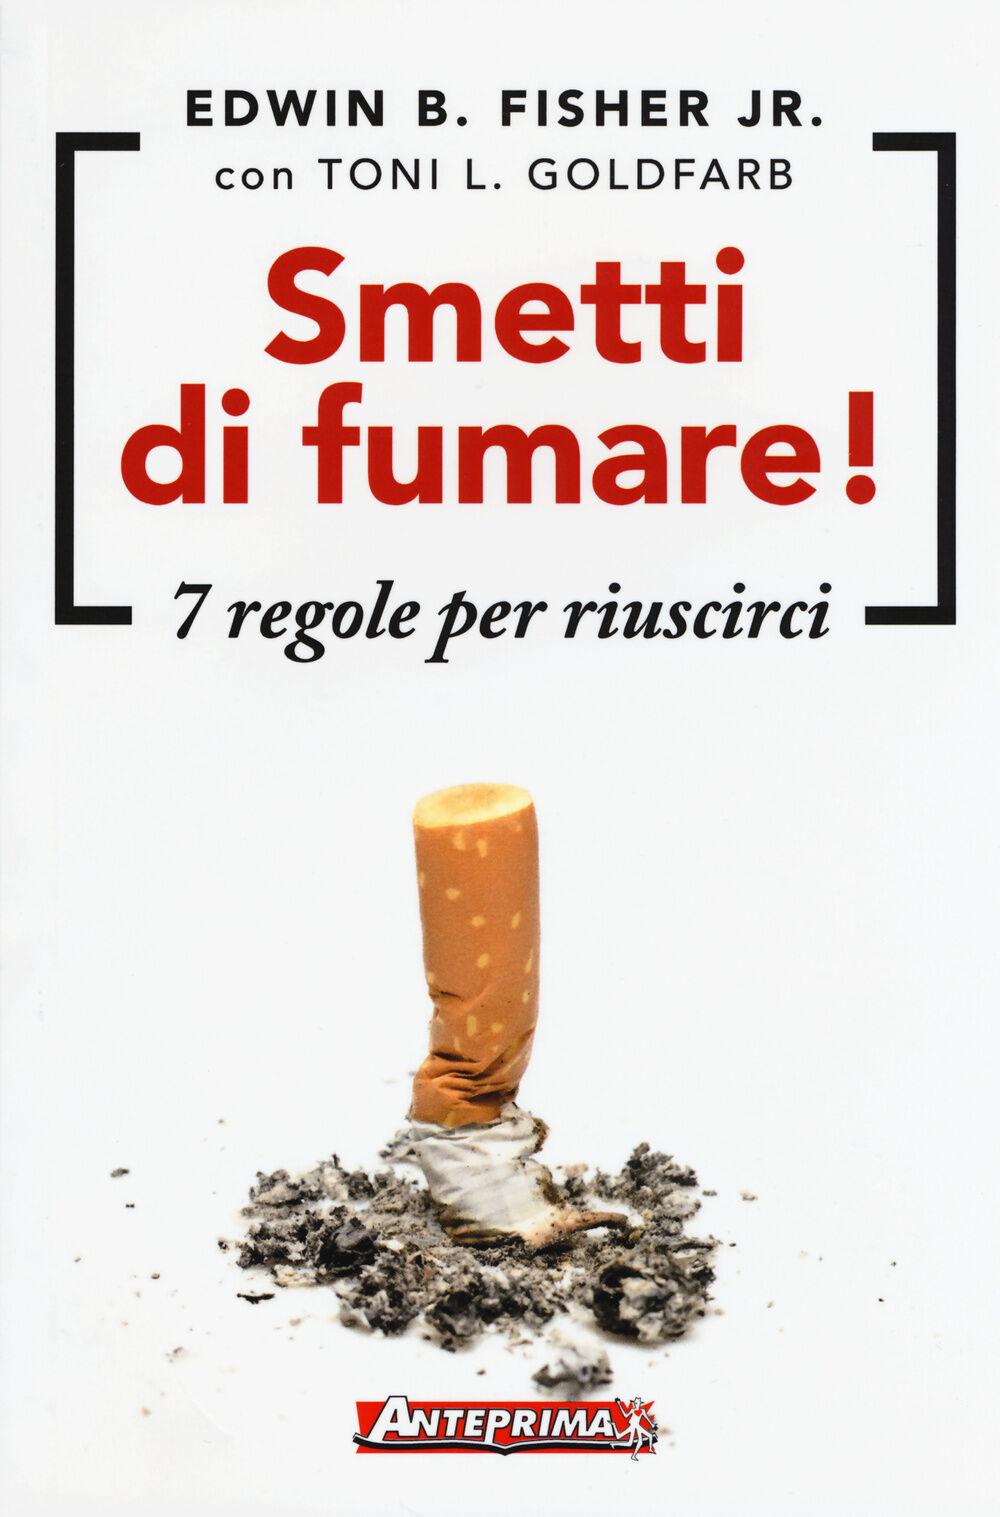 Smetti di fumare! 7 regole per riuscirci